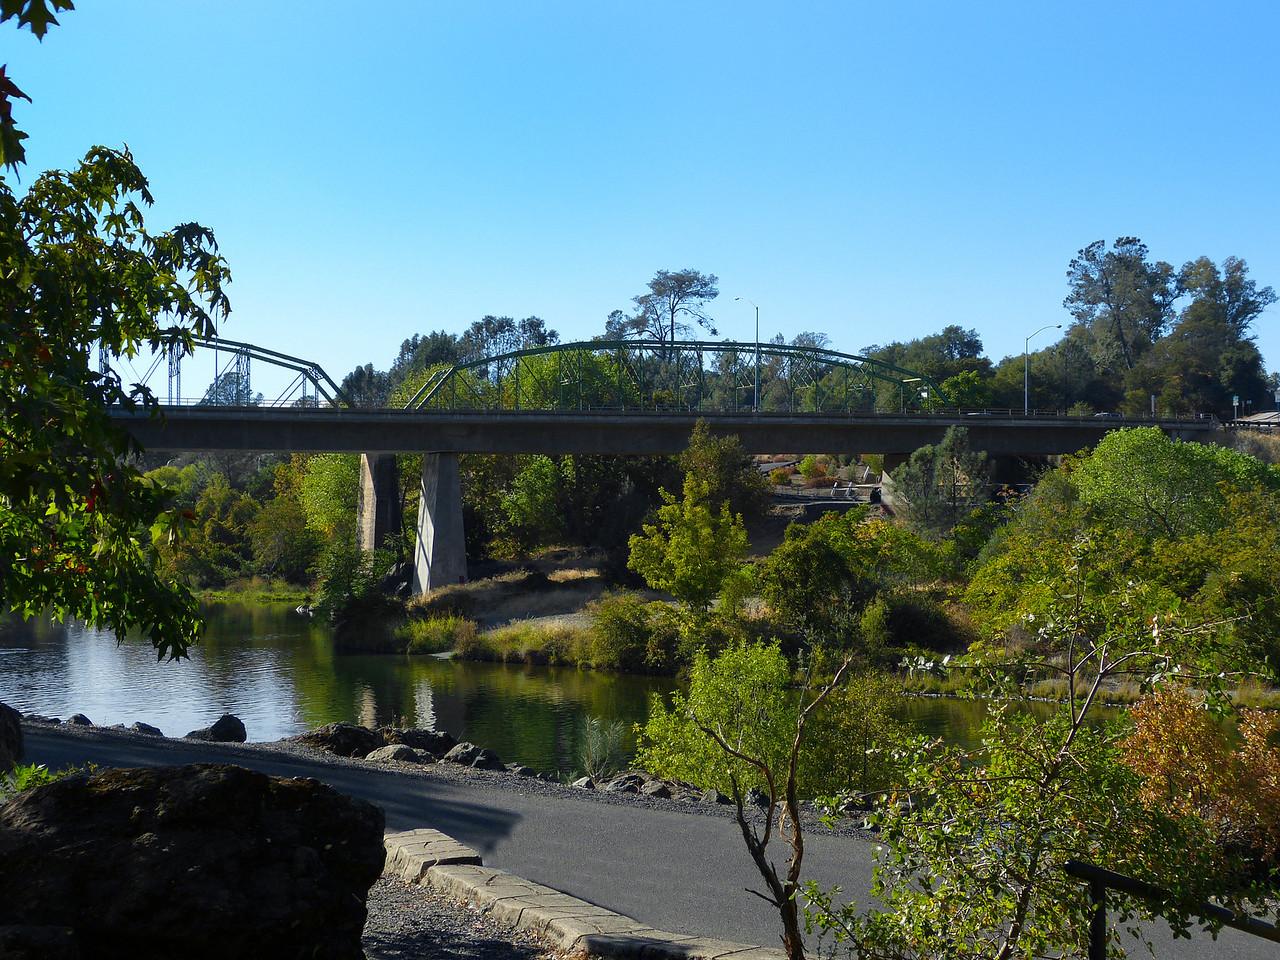 Highway 70 bridge over the river.